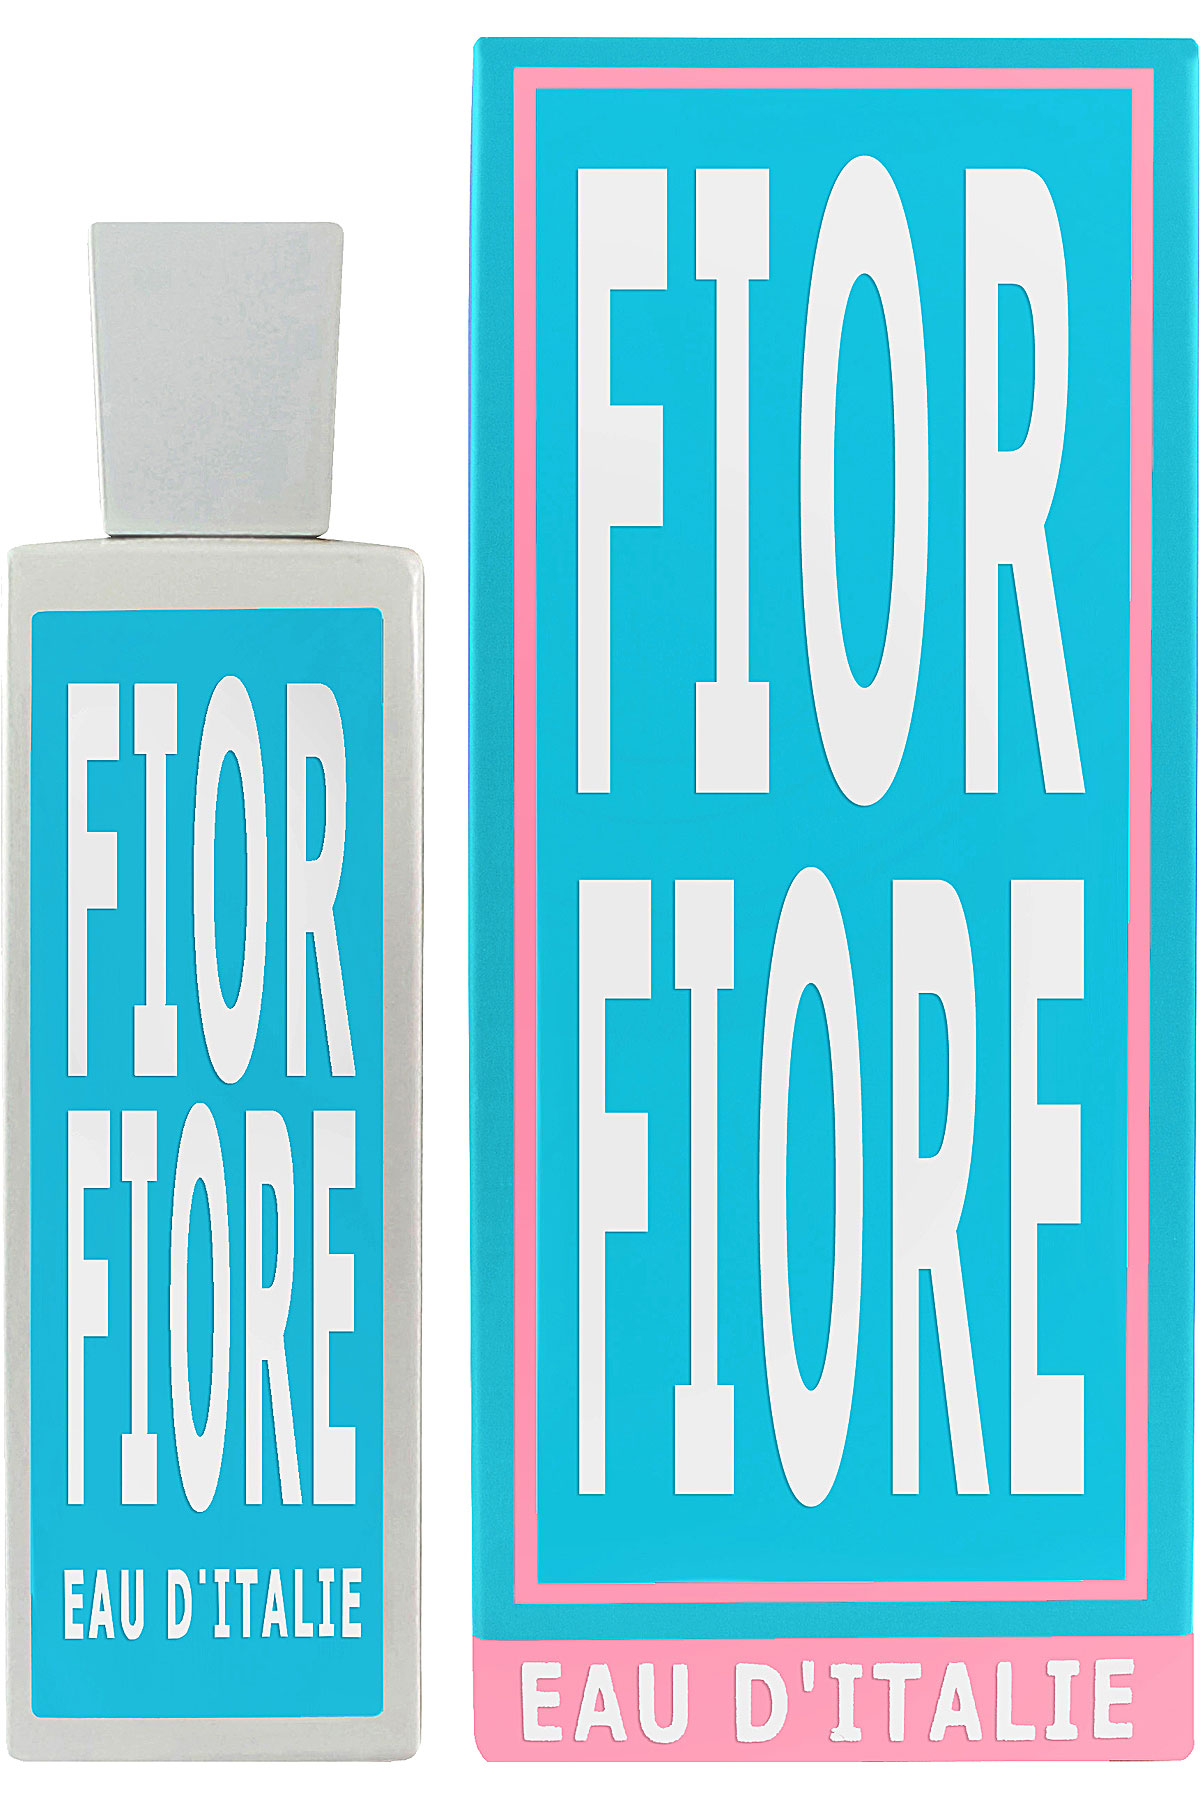 Eau D Italie Fragrances for Men, Fior Fiore - Eau De Parfum - 100 Ml, 2019, 100 ml